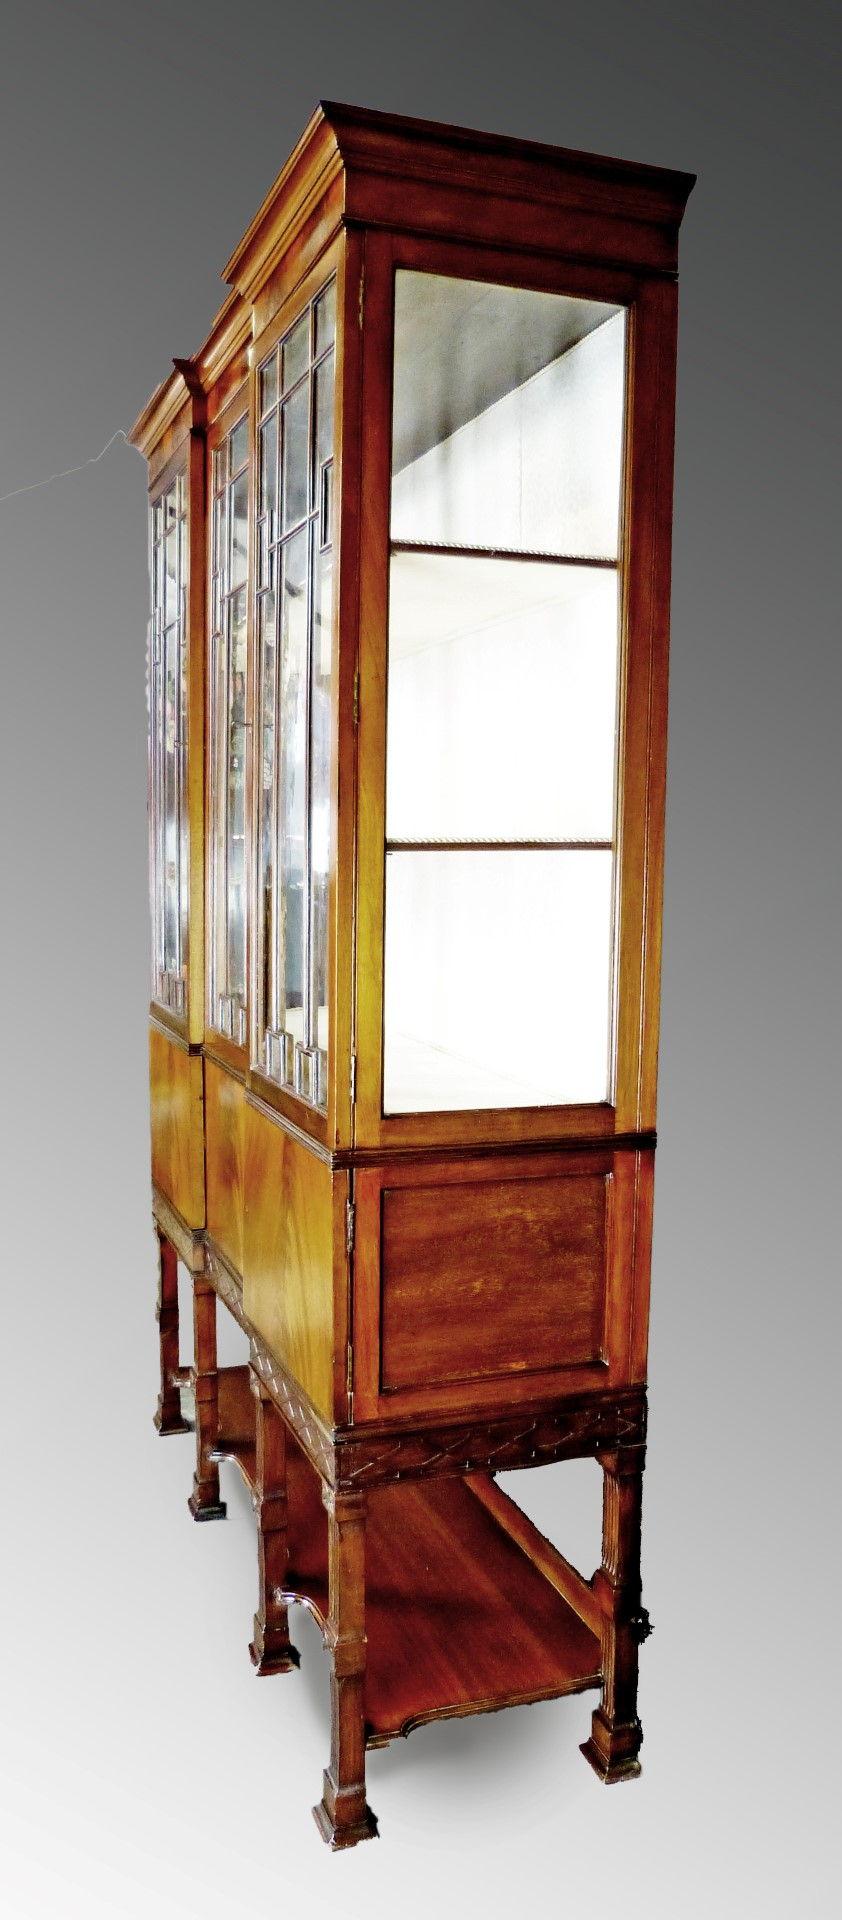 Antique Display Cabinet Vitrine; Antique Display Cabinet Vitrine ... - Display Cabinets Display Cabinets Antique Display Cabinet Vitrine